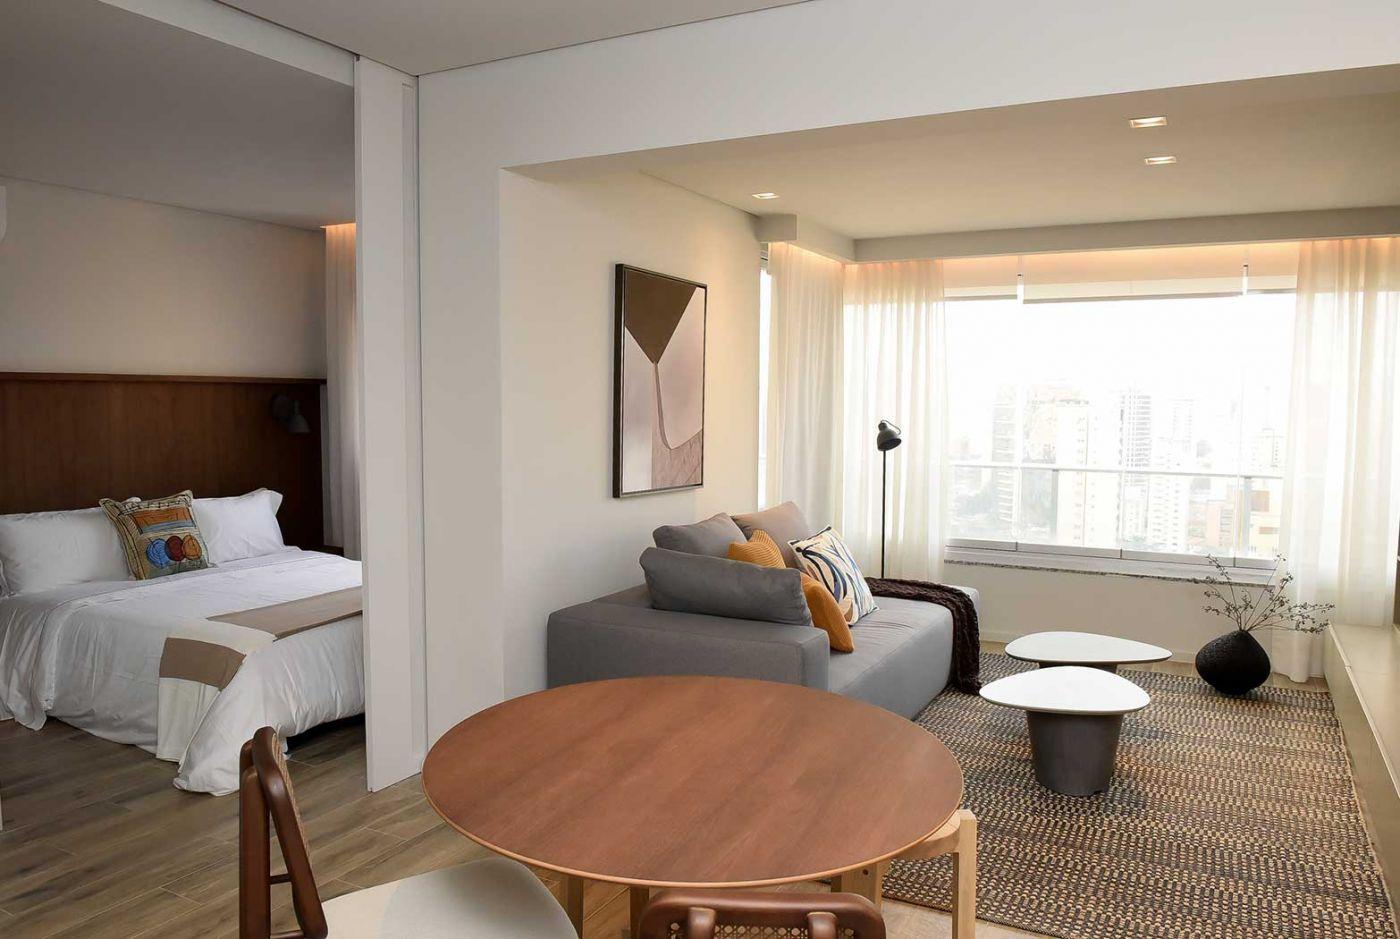 VO699 Apartamentos1 1400x939 - VO699 EN